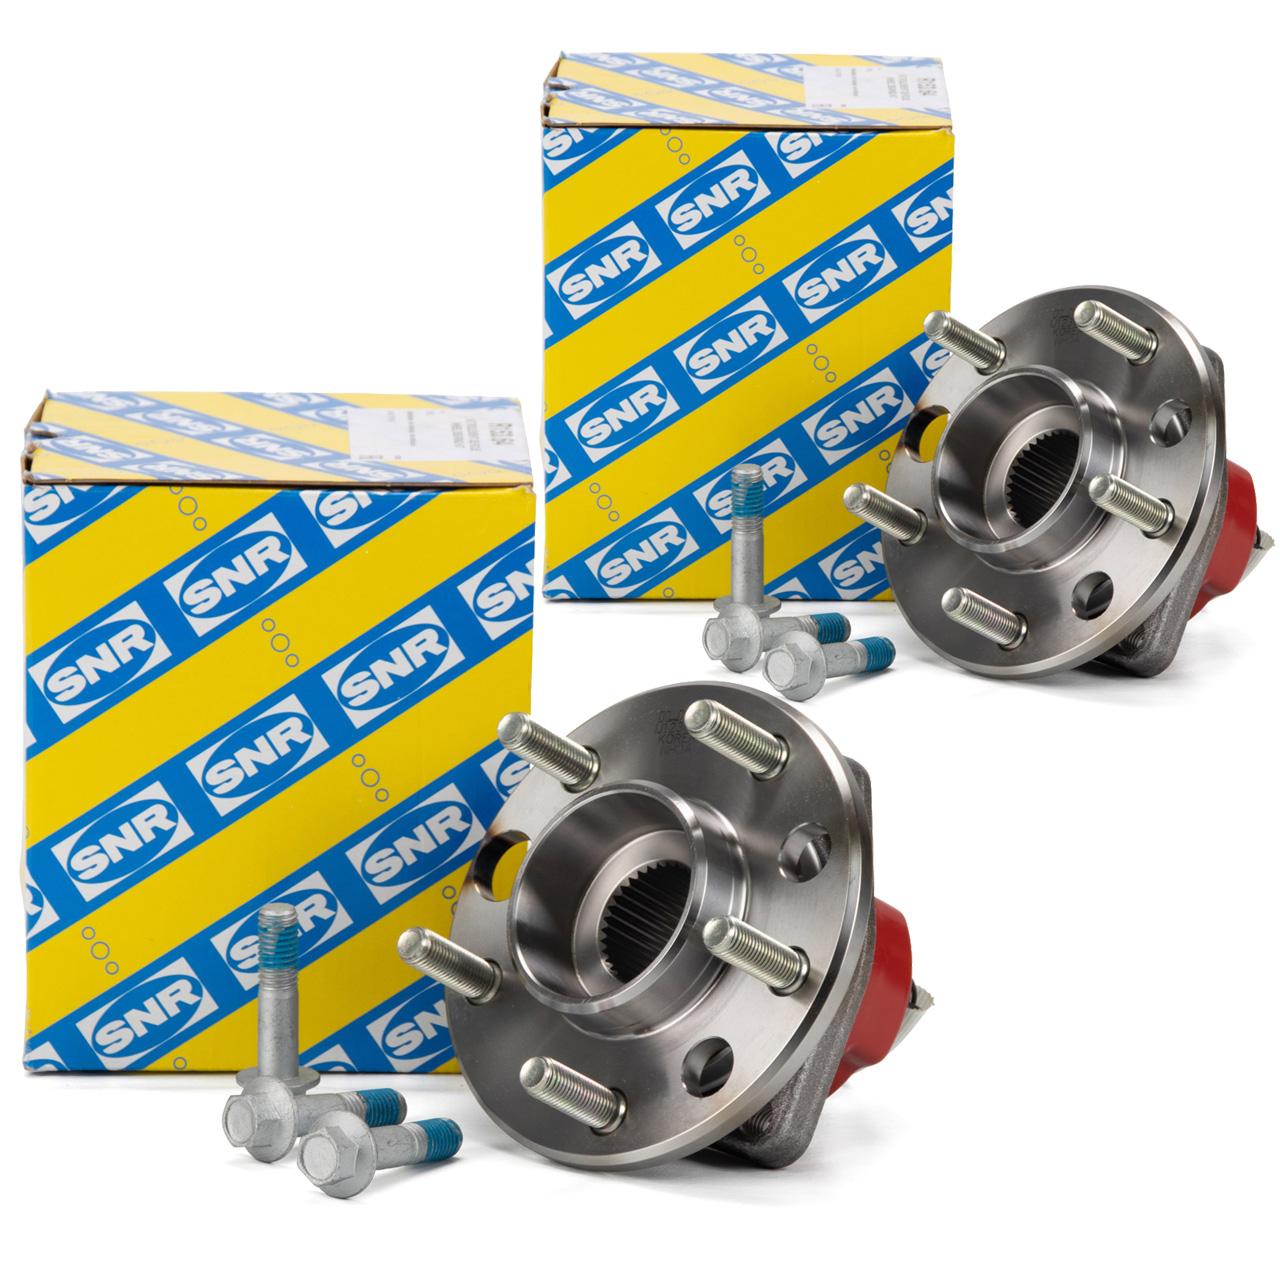 2x SNR R153.64 Radlagersatz Radlager Radnabe OPEL Sintra vorne 326002 / 326004